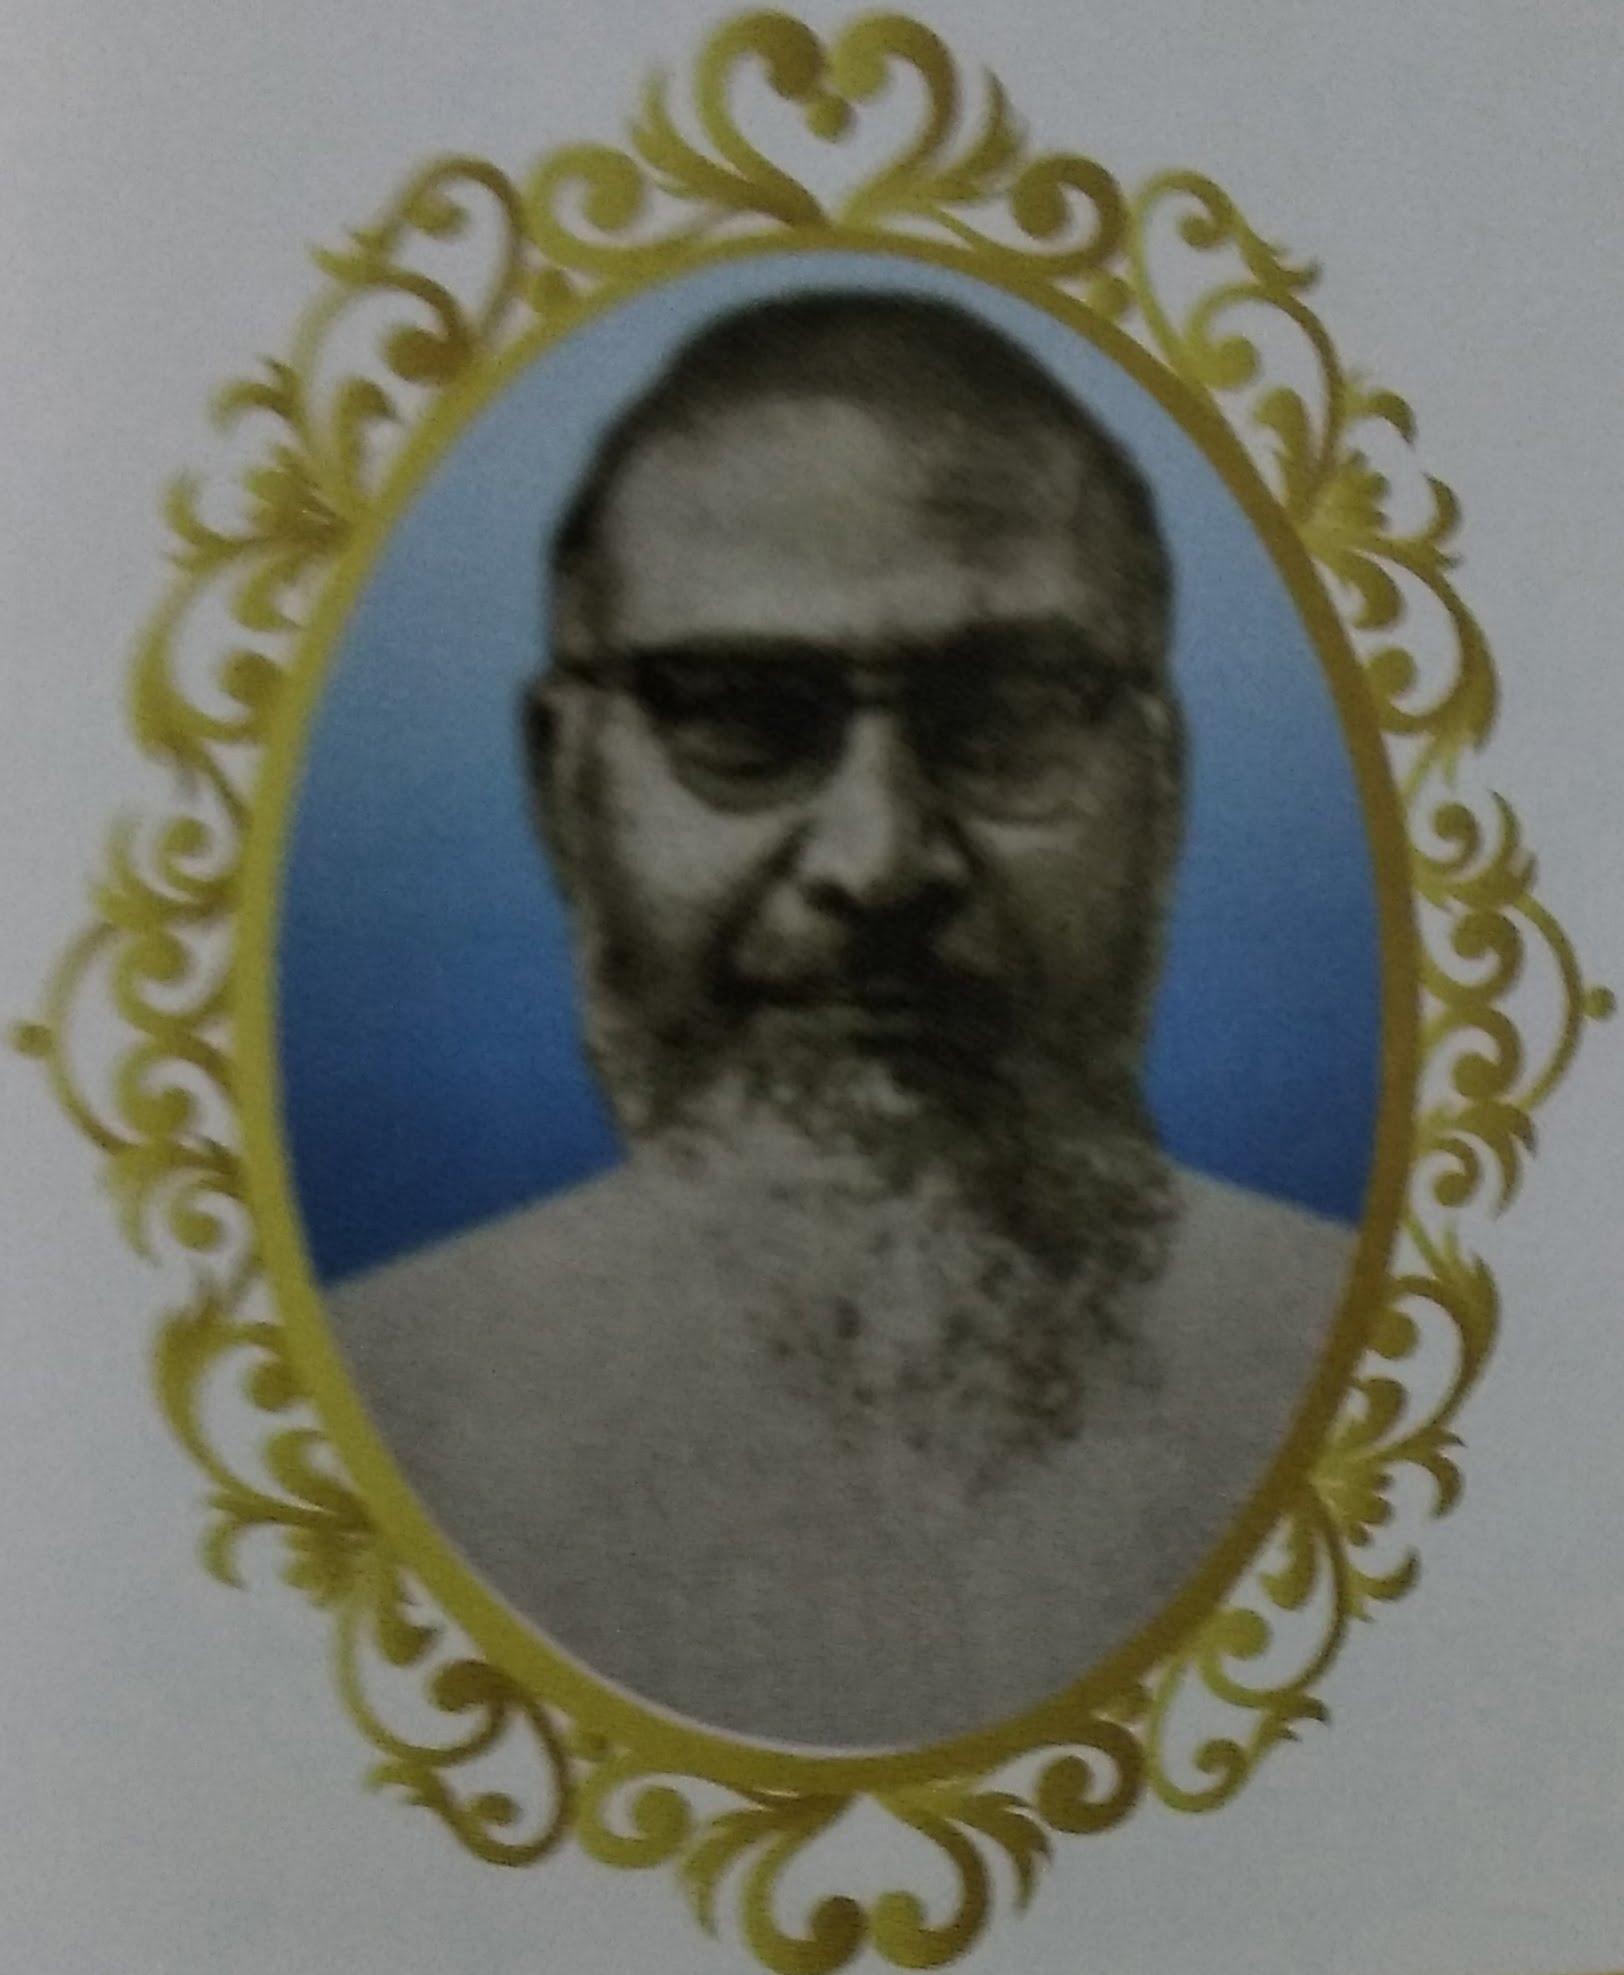 Fr. Paul Kuriapilly